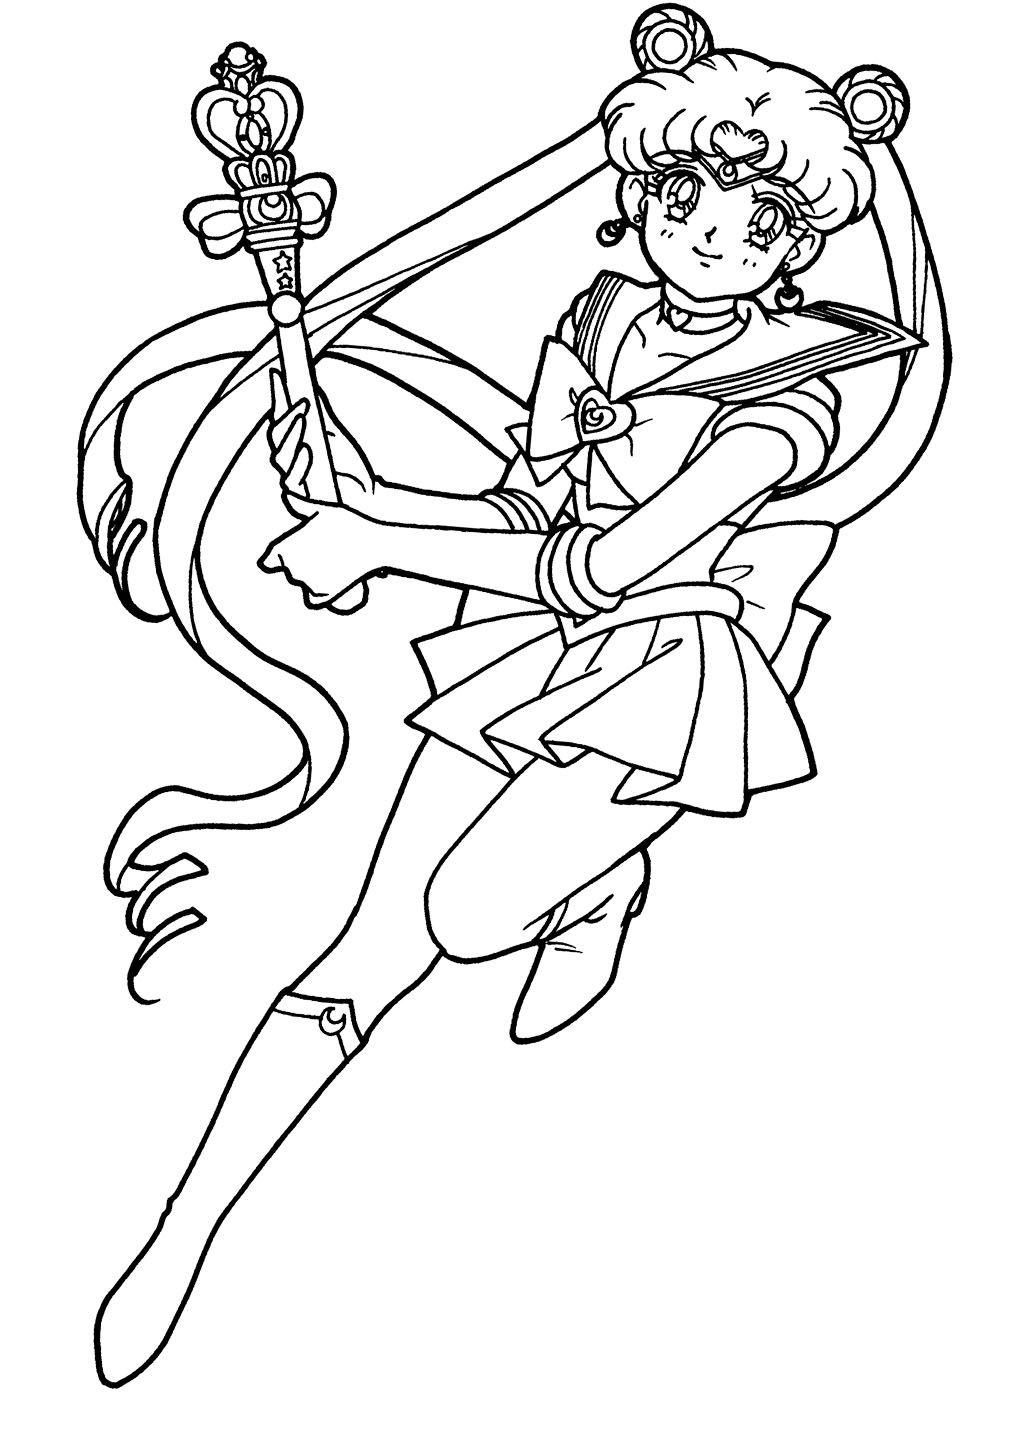 Sa sailor moon coloring games online - Sailor Moon Coloring Page Sailormoon